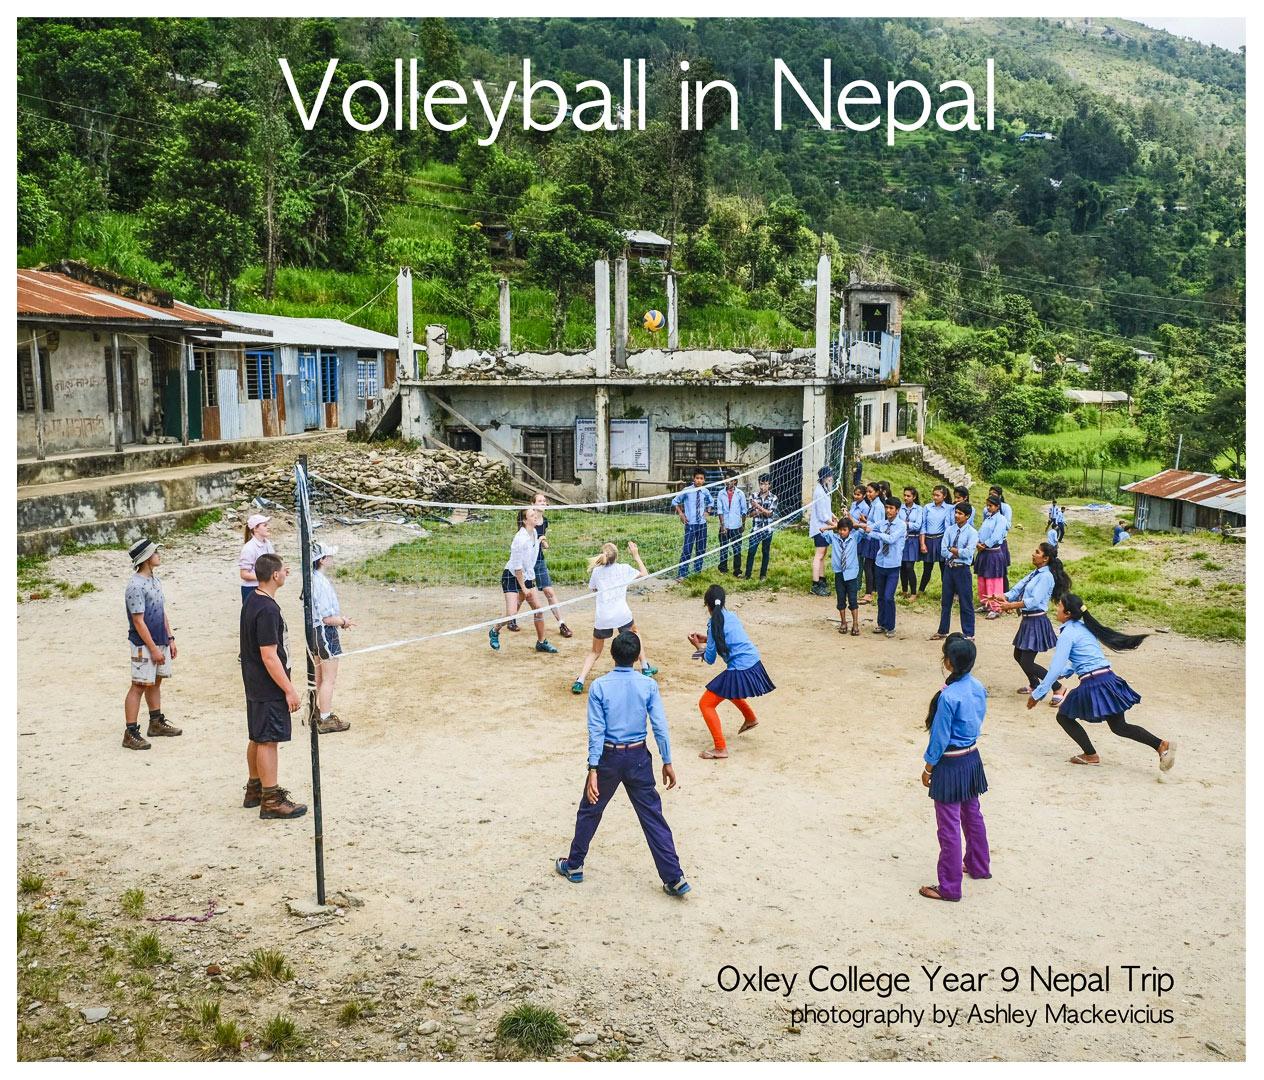 VB-in-nepal.jpg